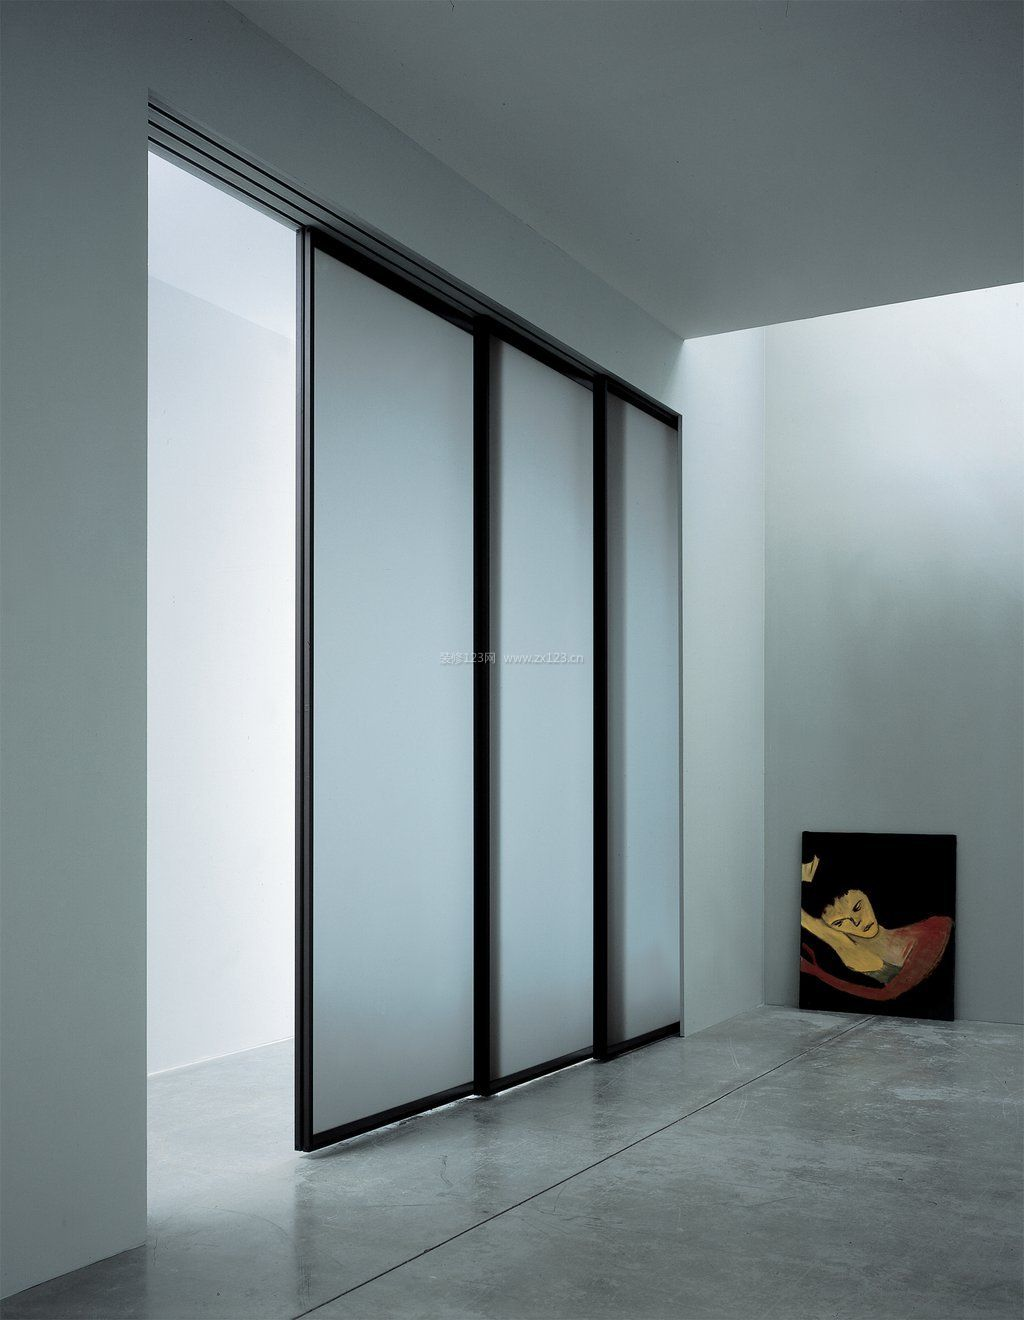 室内装饰磨砂玻璃推拉门图片欣赏